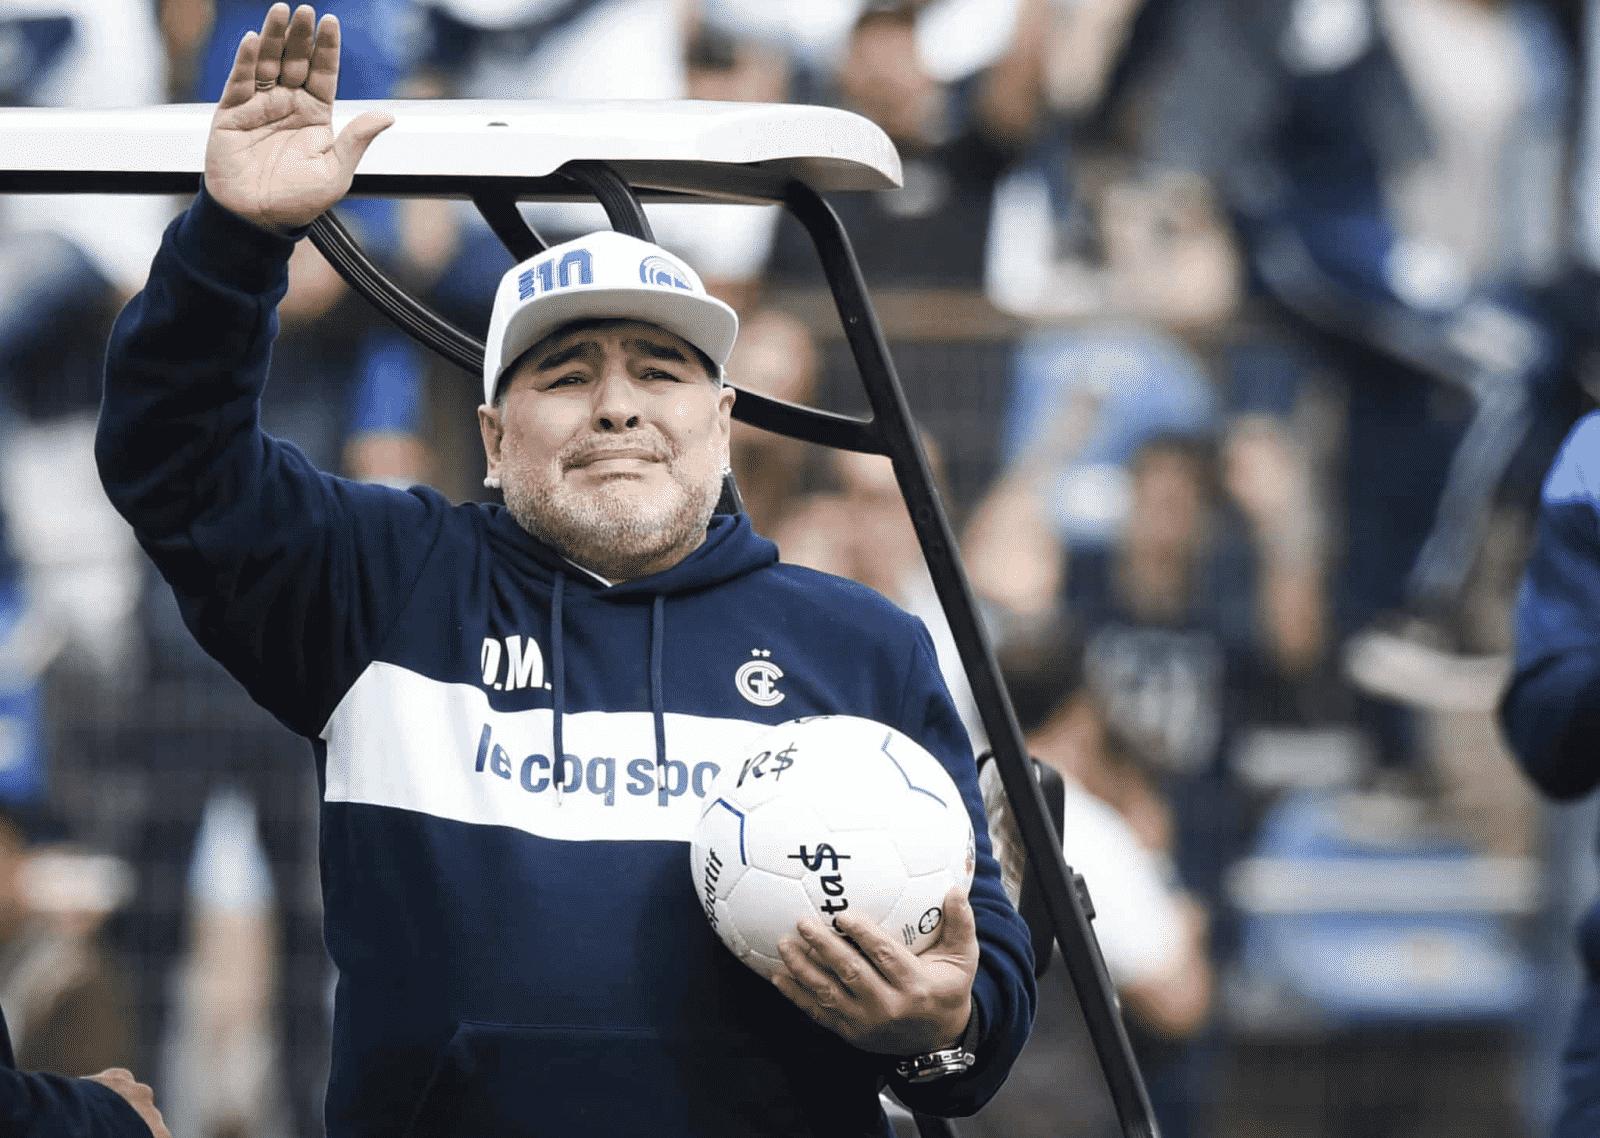 Herederos de Maradona pueden